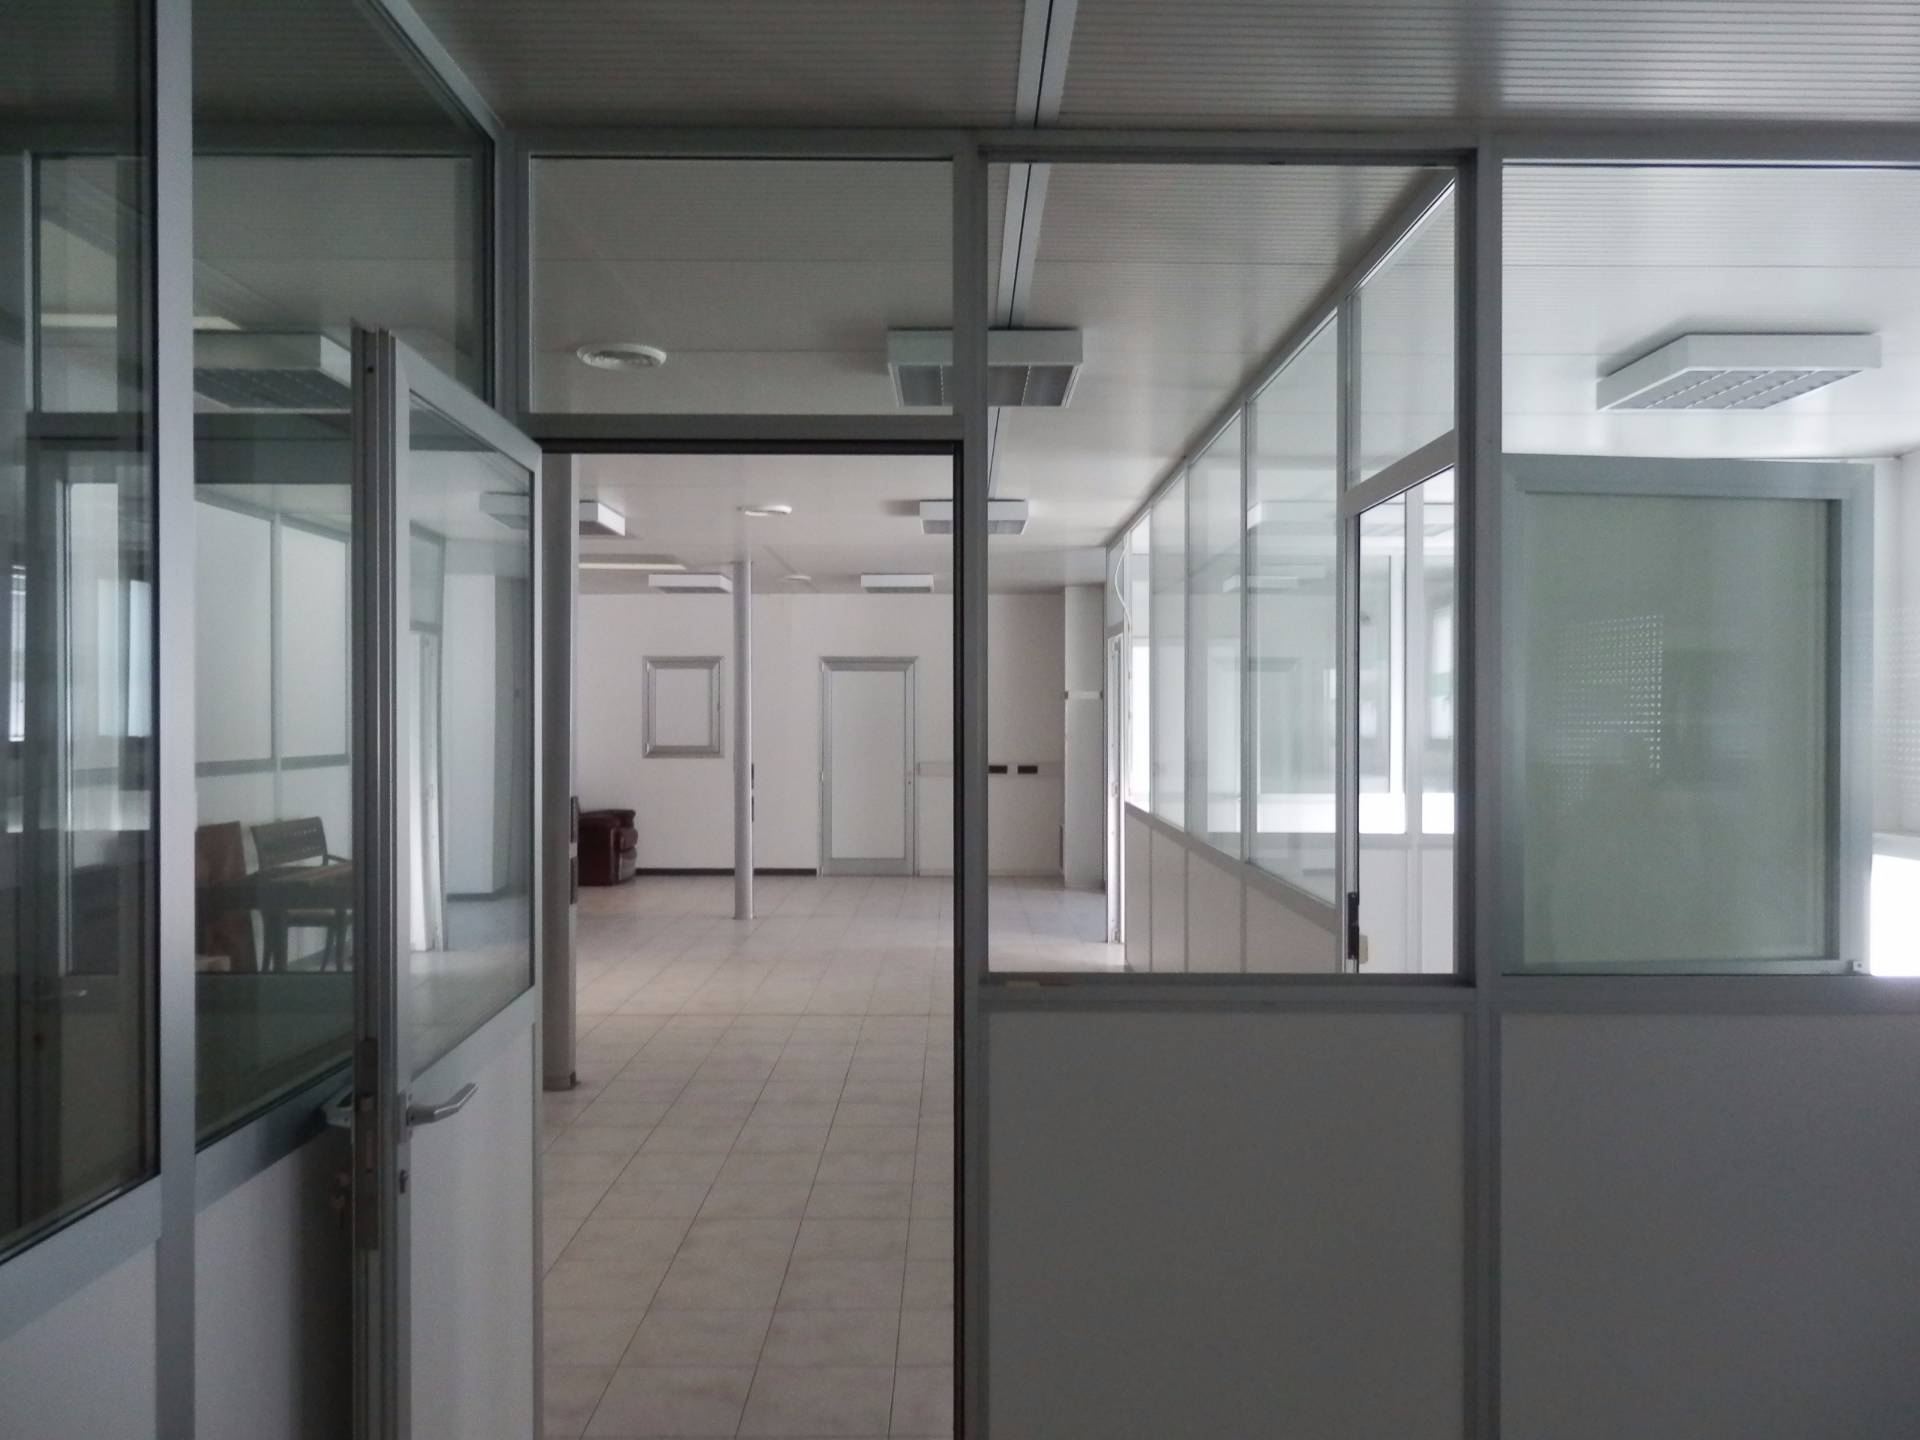 Ufficio / Studio in affitto a Bolzano, 9999 locali, zona Zona: Periferia, prezzo € 650 | Cambio Casa.it